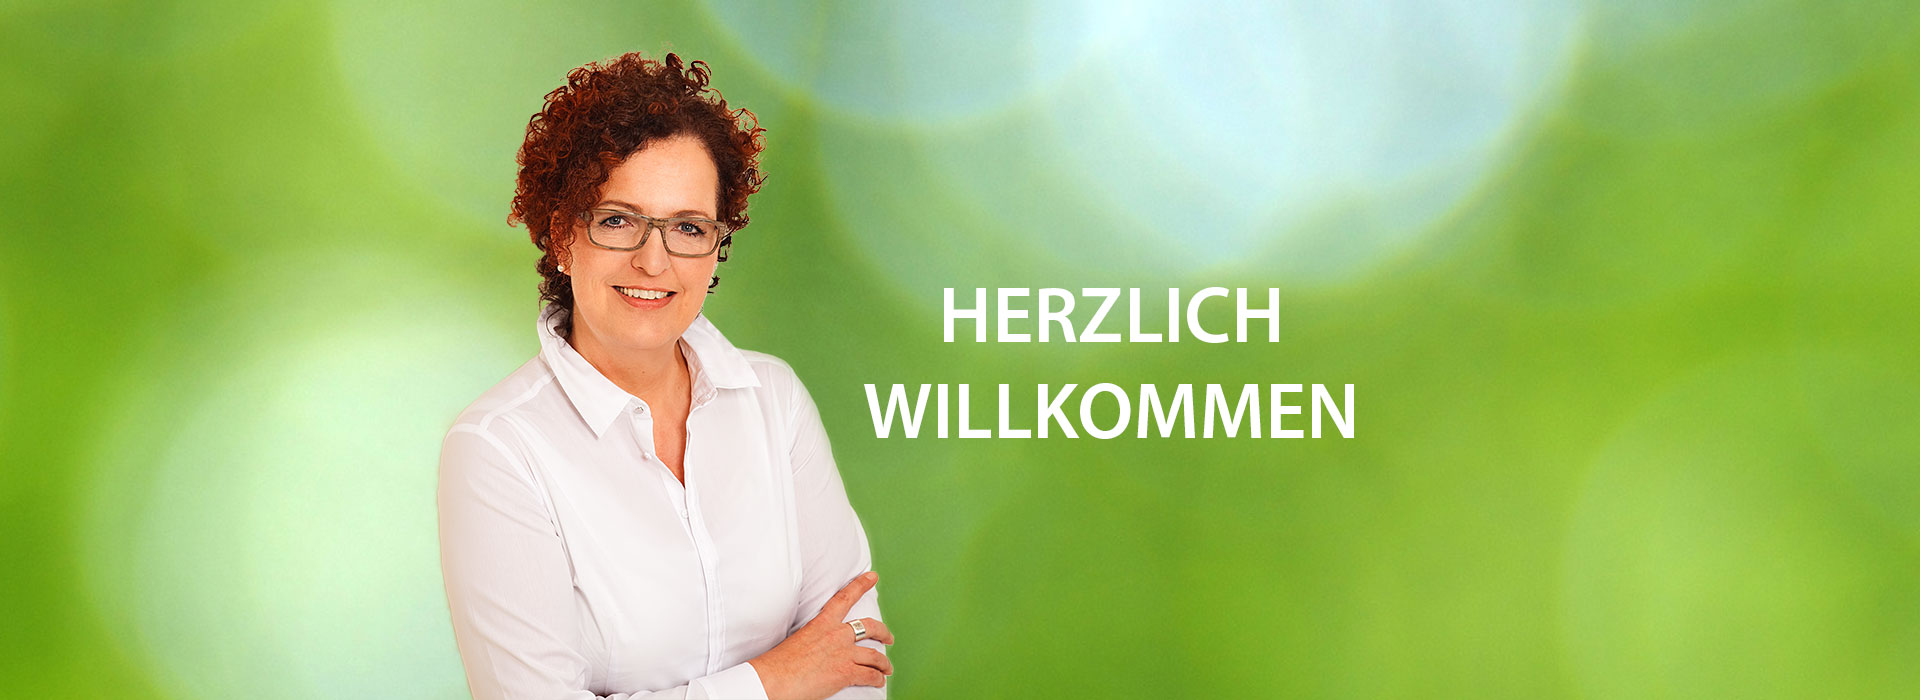 5fdd99392283e2 Hiltrud Witte – Ihre Heilpraktikerin in Cloppenburg